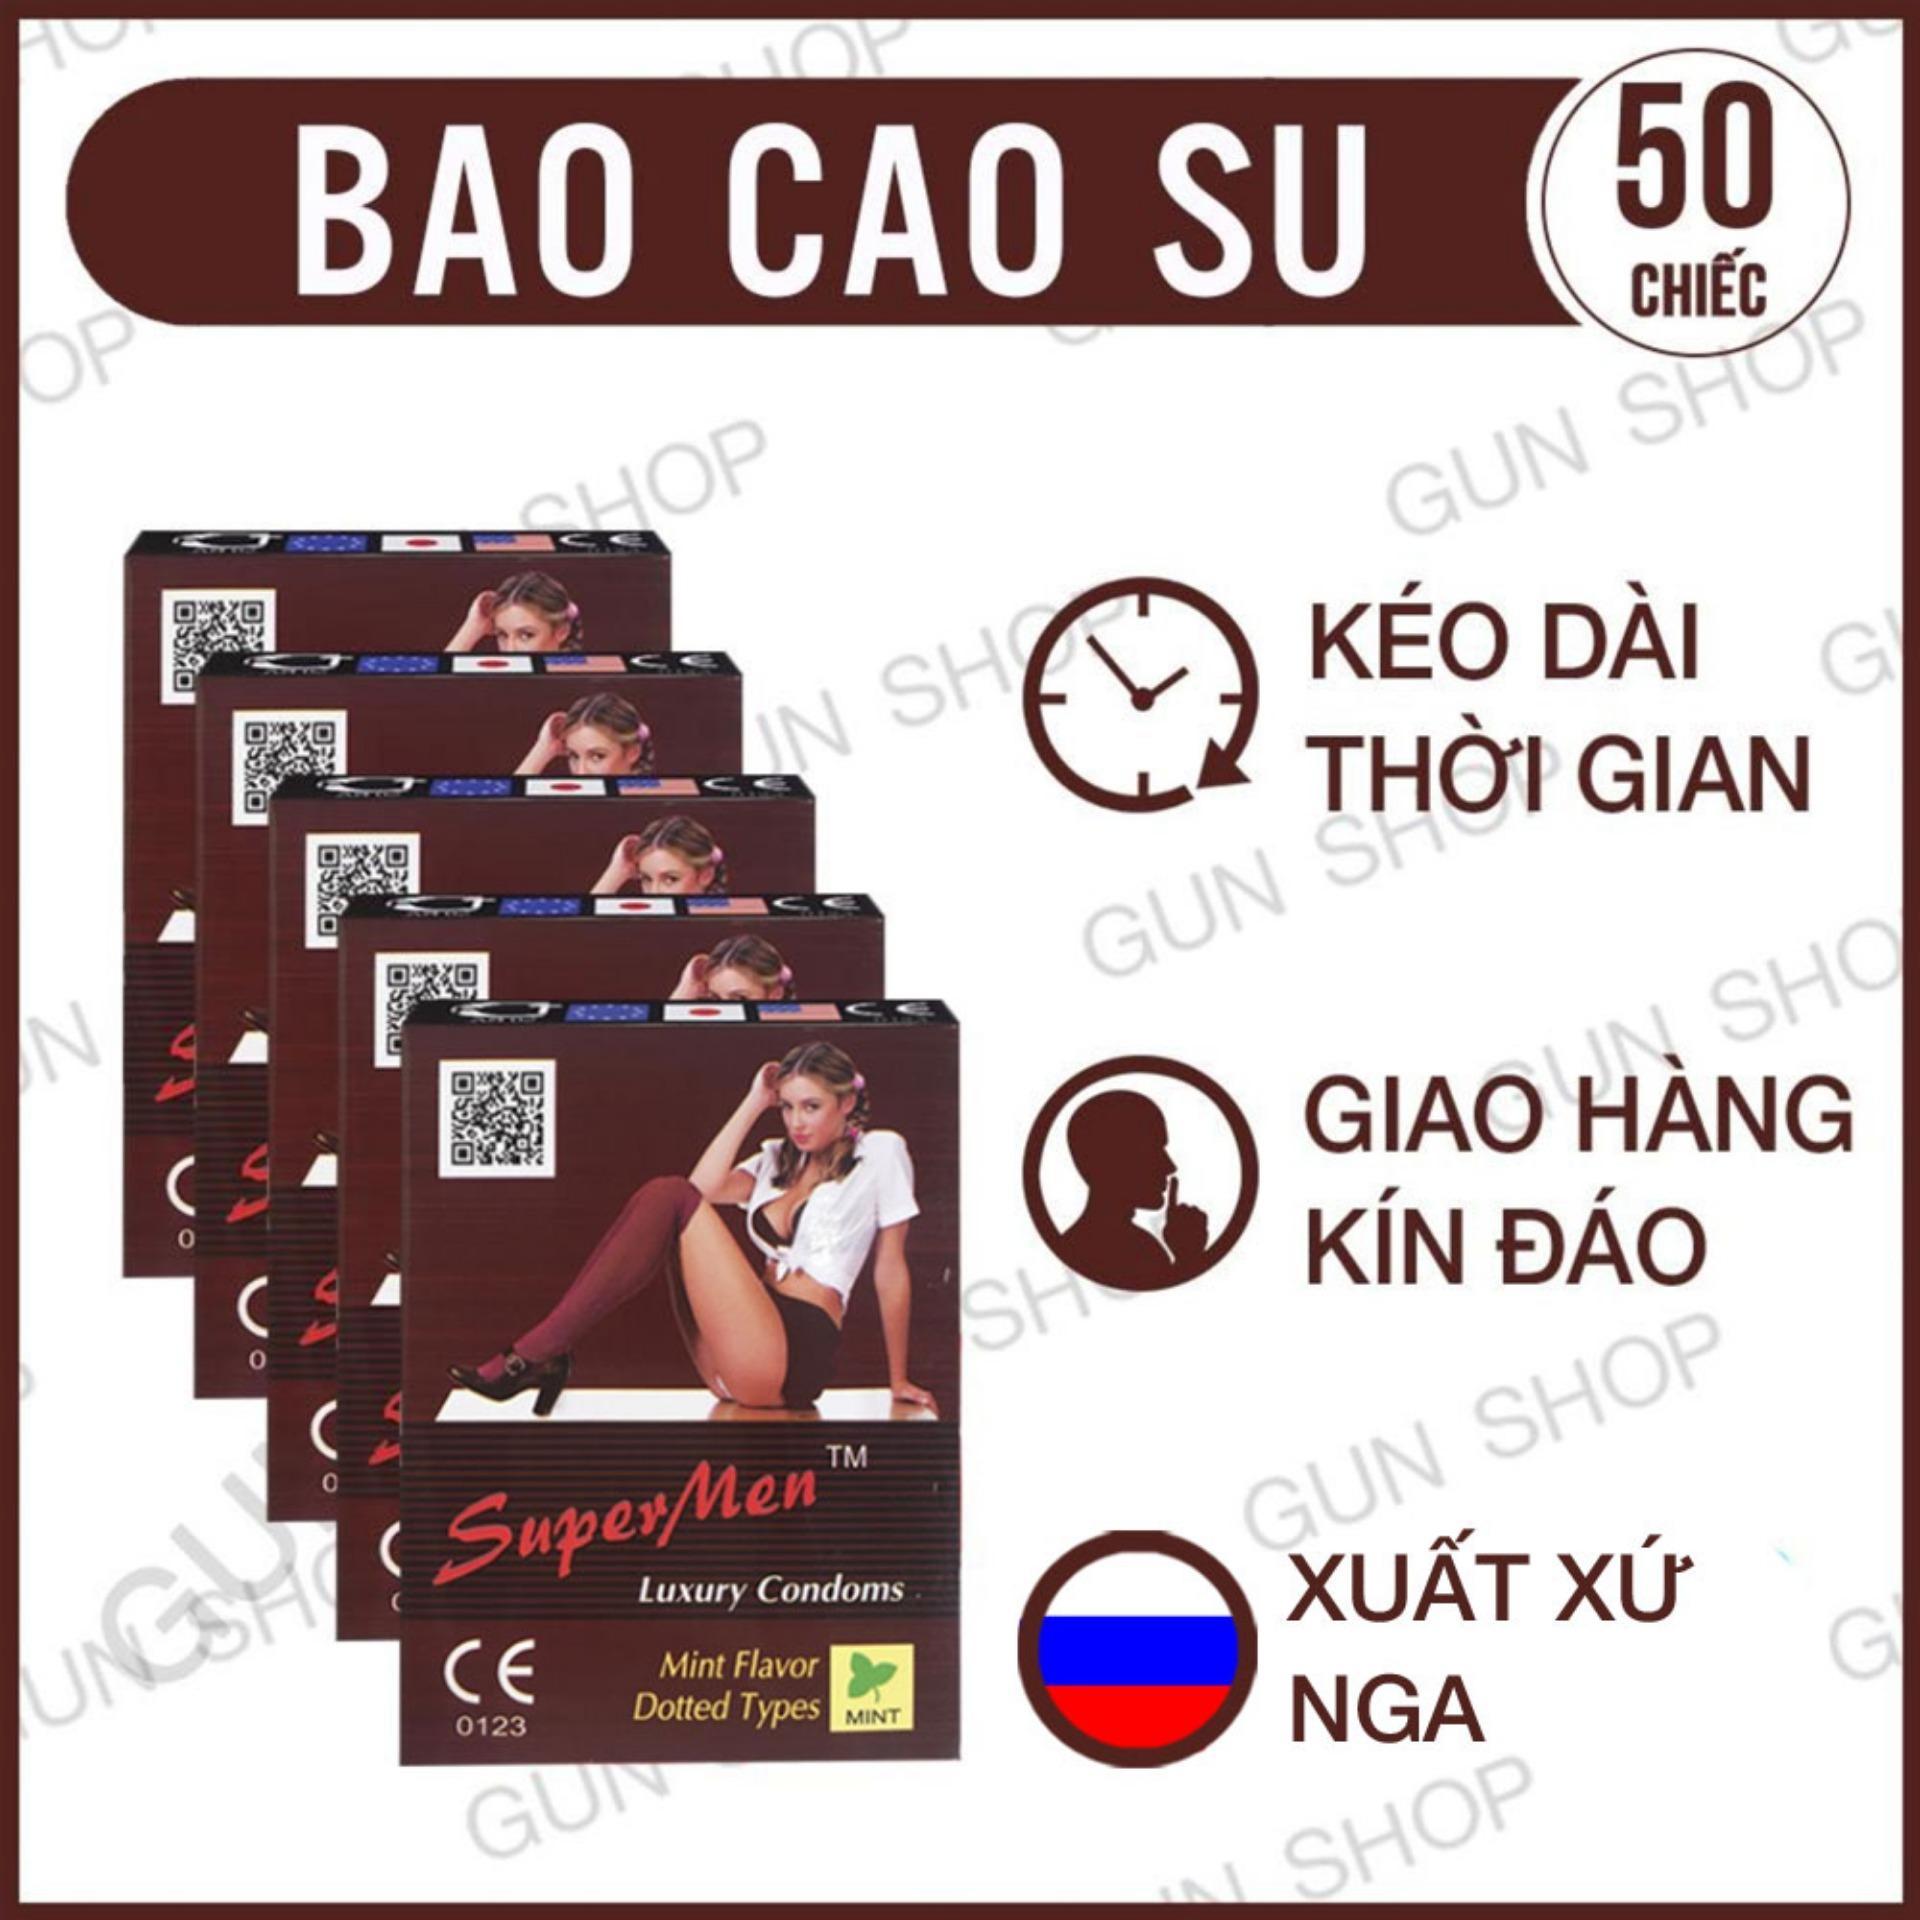 Bộ 5 (50 chiếc) Bao Cao Su Supermen Kéo Dài Thời Gian Quan Hệ (Hương Bạc Hà) - GUNSHOP